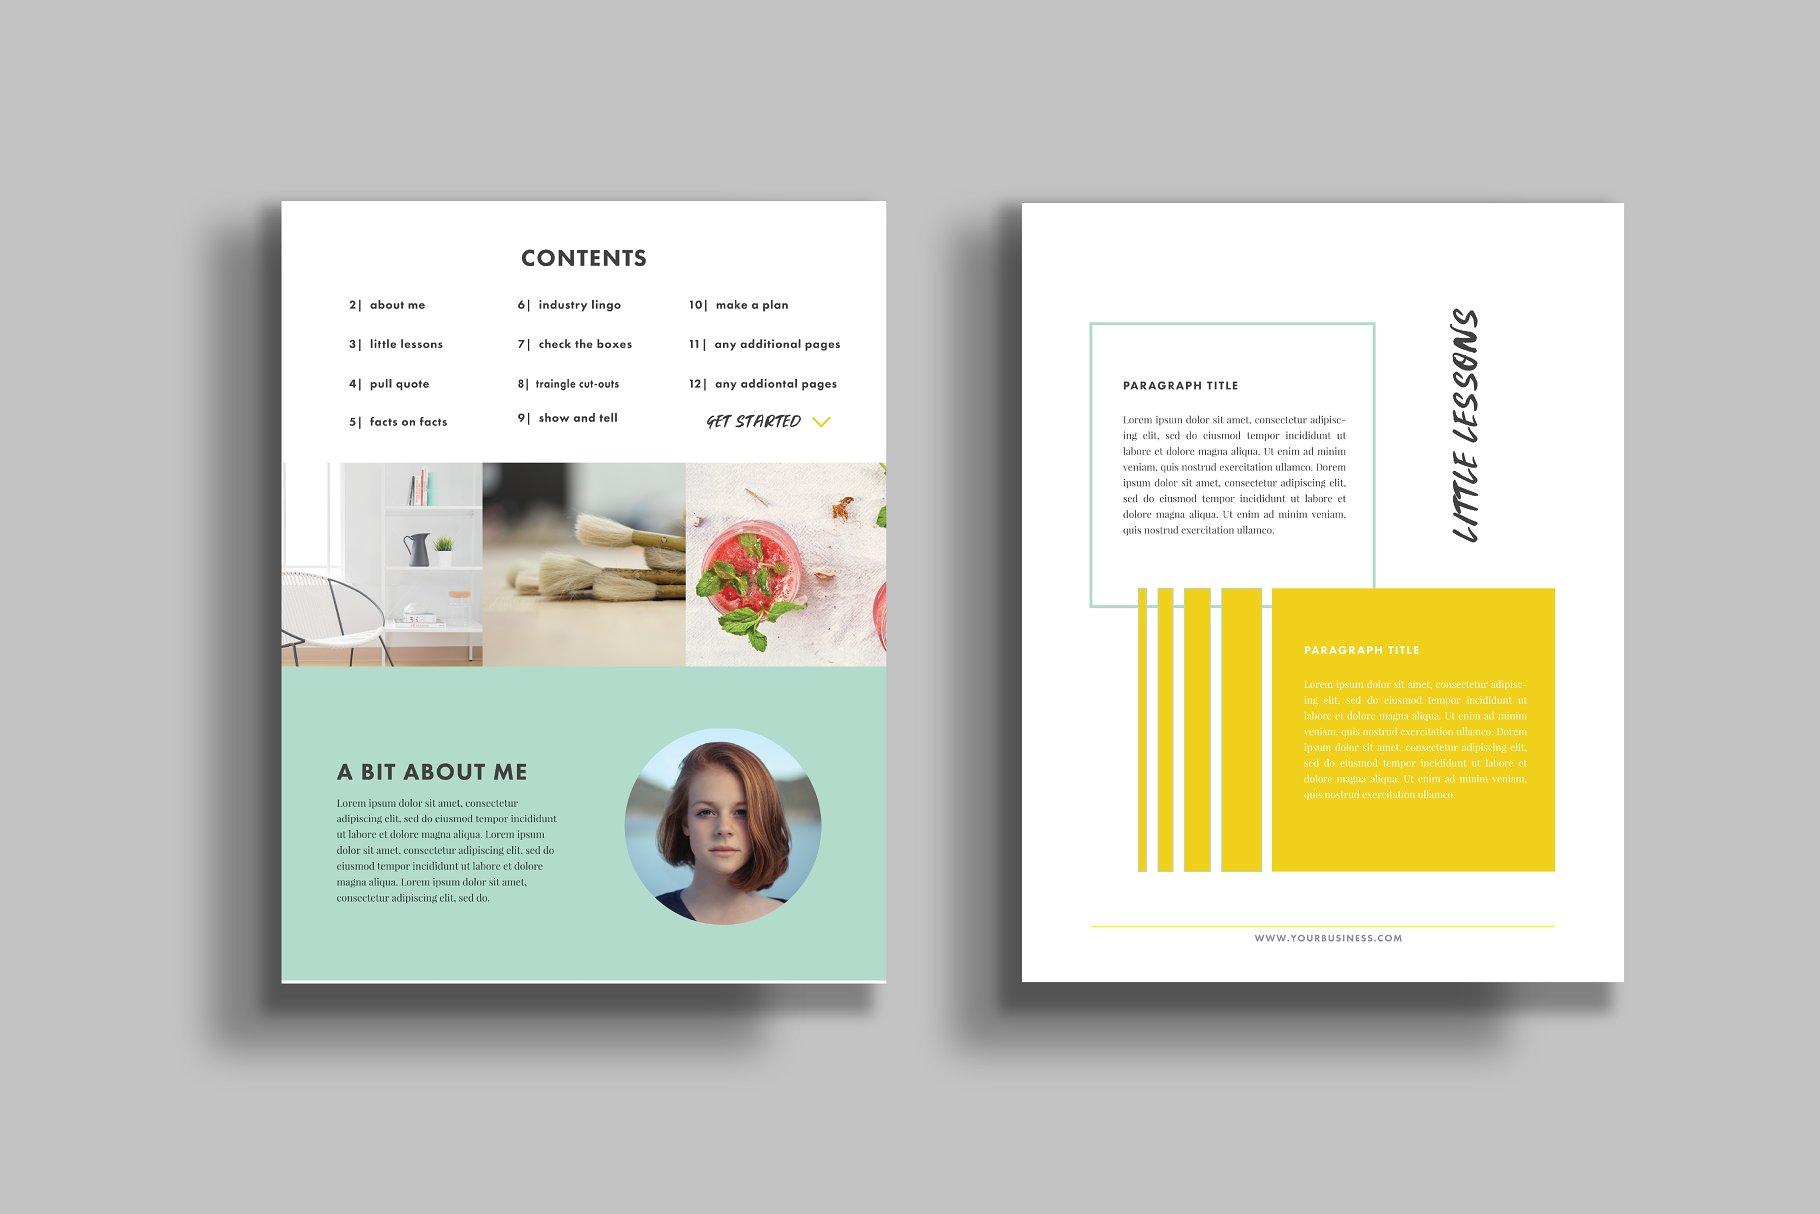 Ebook Template - Illustrator - Templates | Creative Market Pro